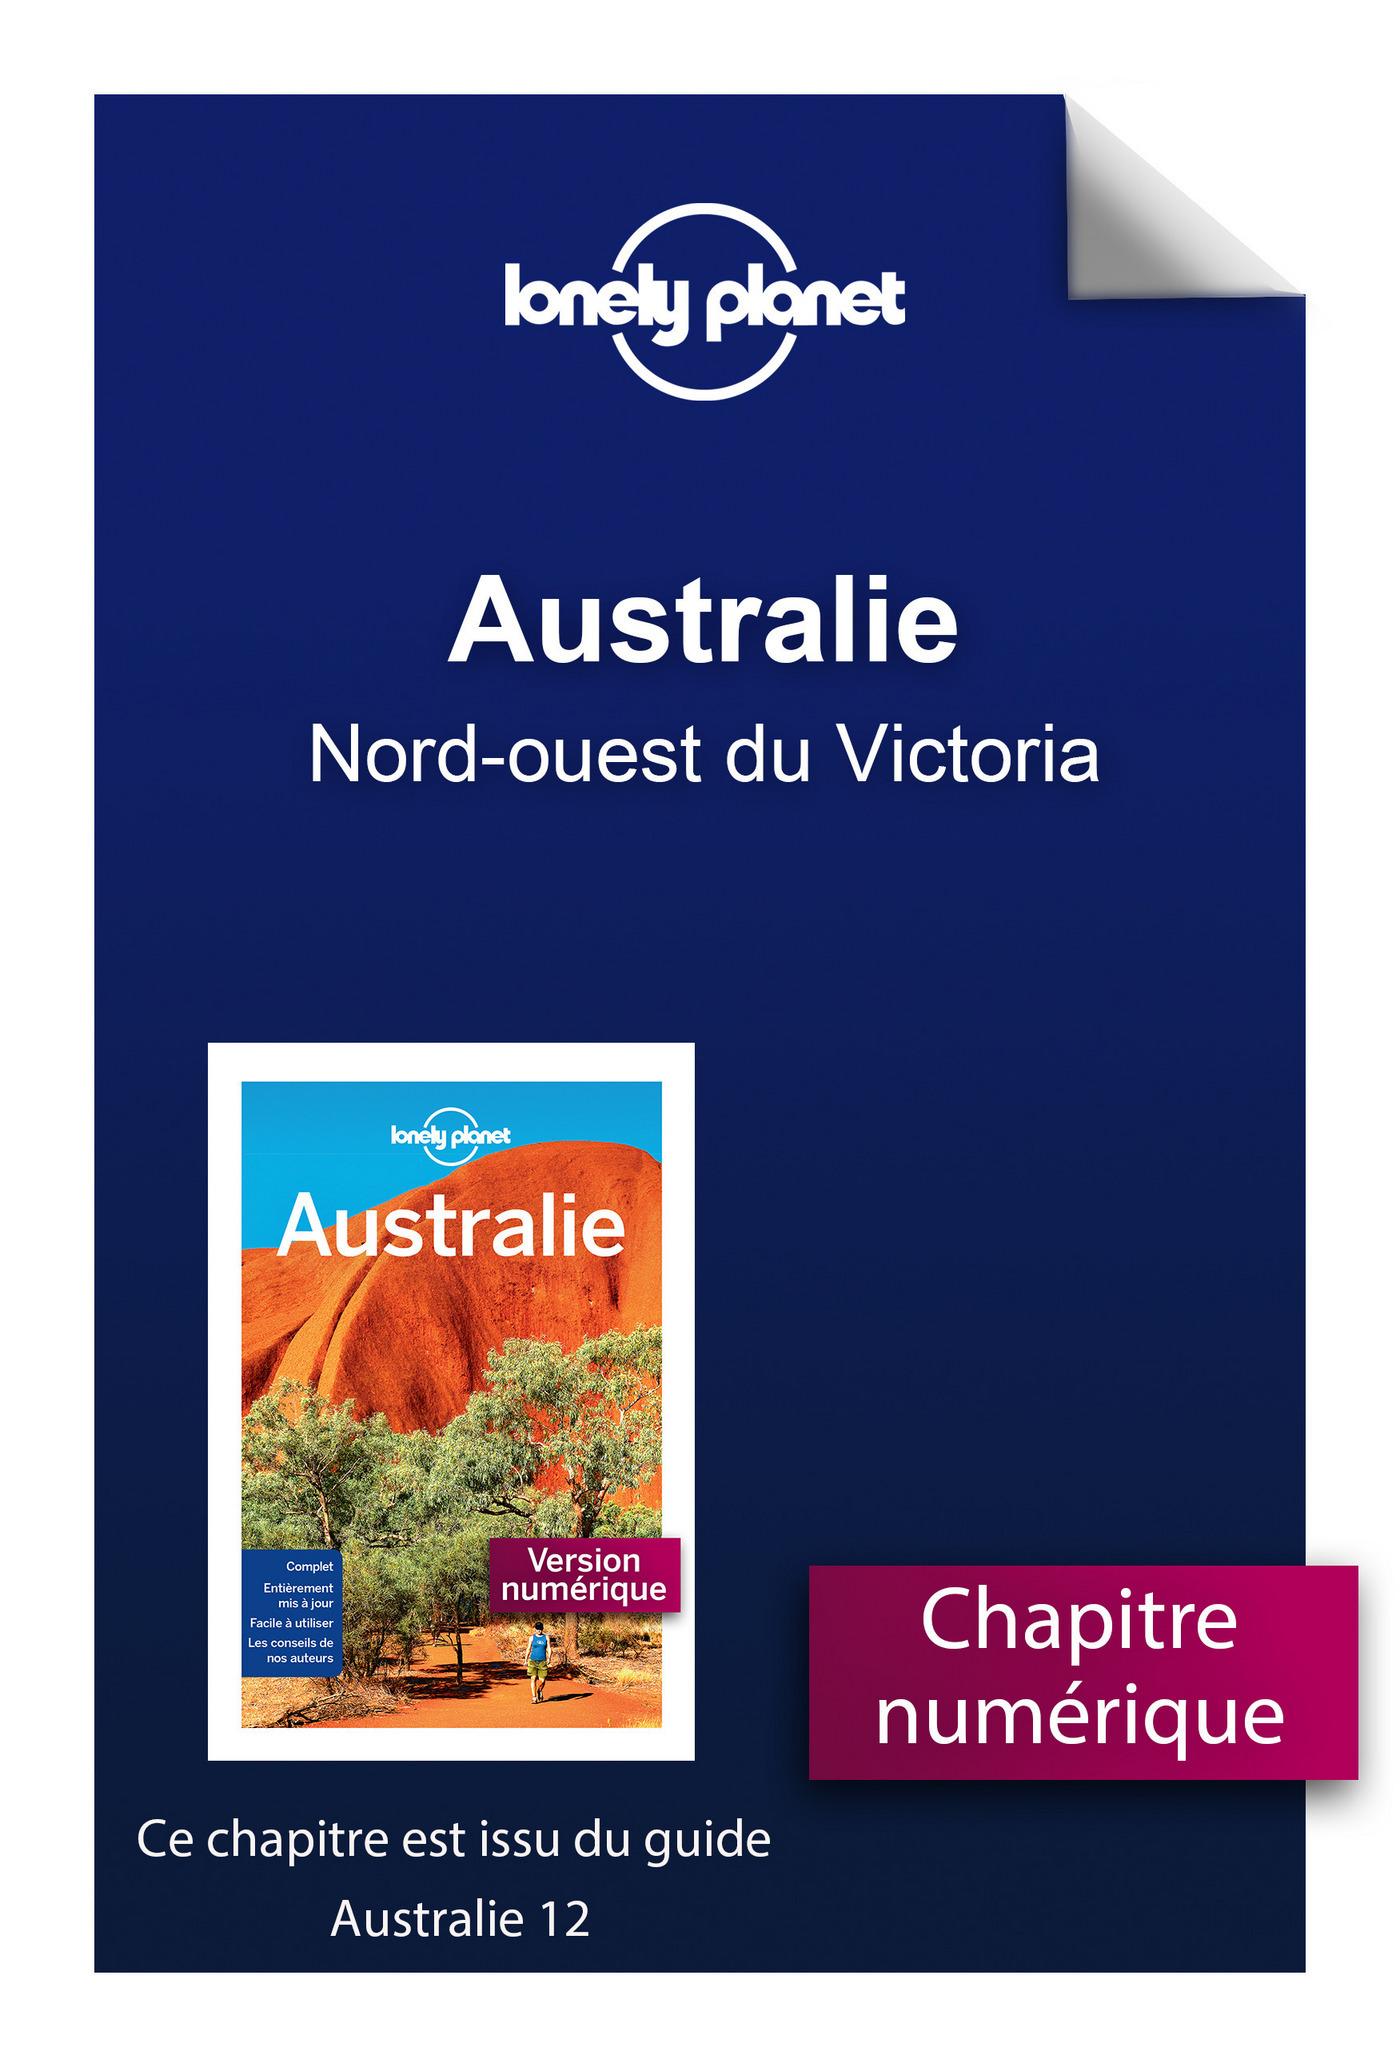 Australie - Nord-ouest du Victoria